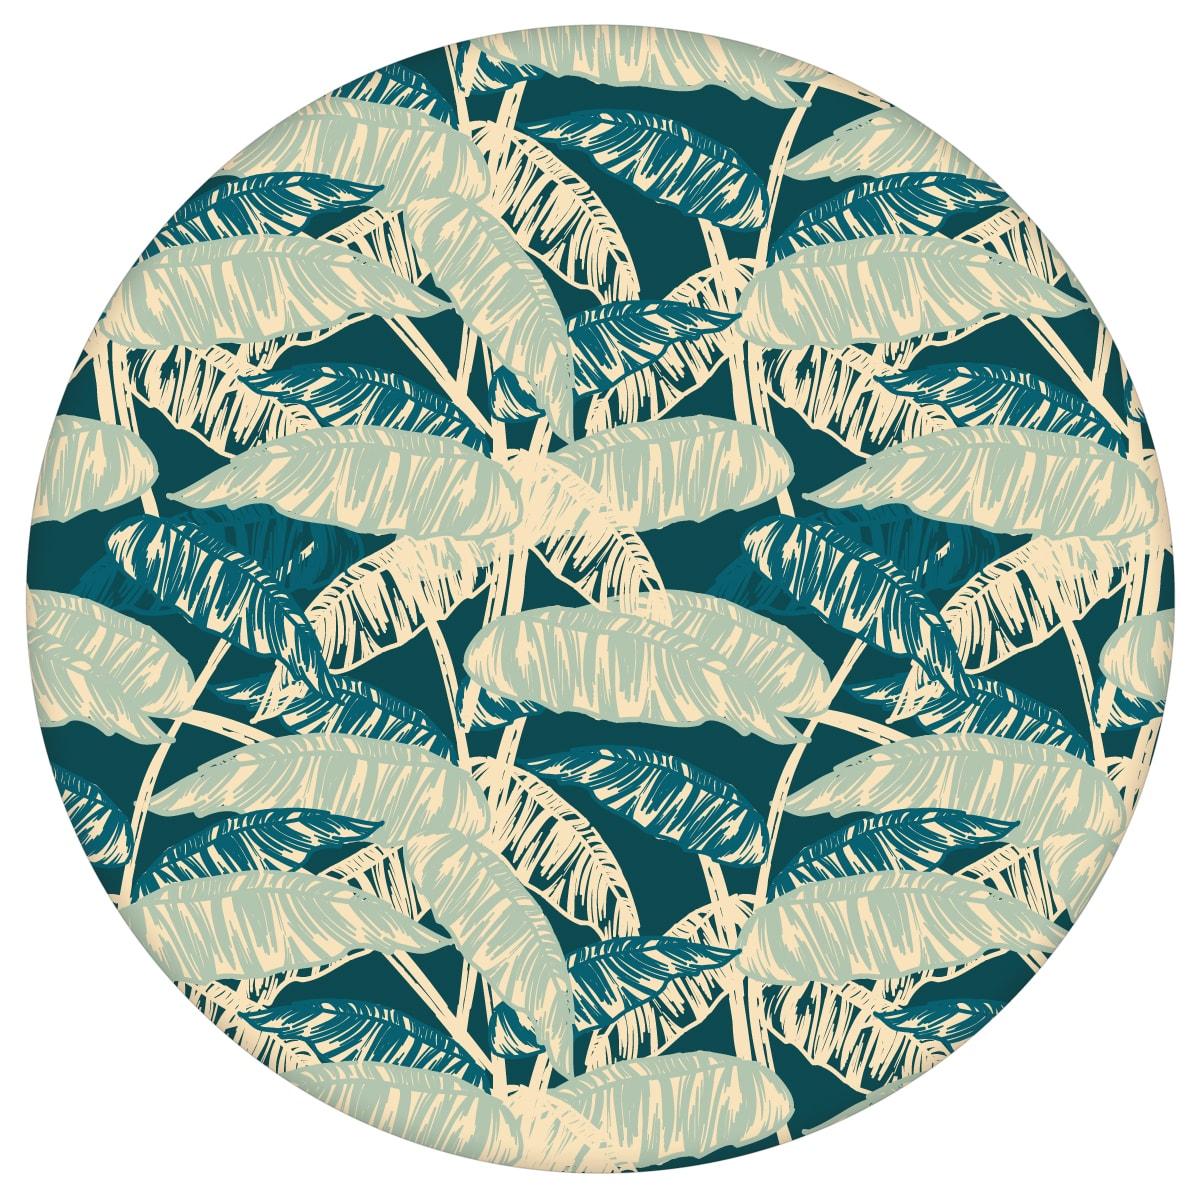 """Grün blaue Tapete """"Wild Bananas"""" mit Blättern, Vlies Tapete üppige Blumentapete für Flur, Büro 3"""